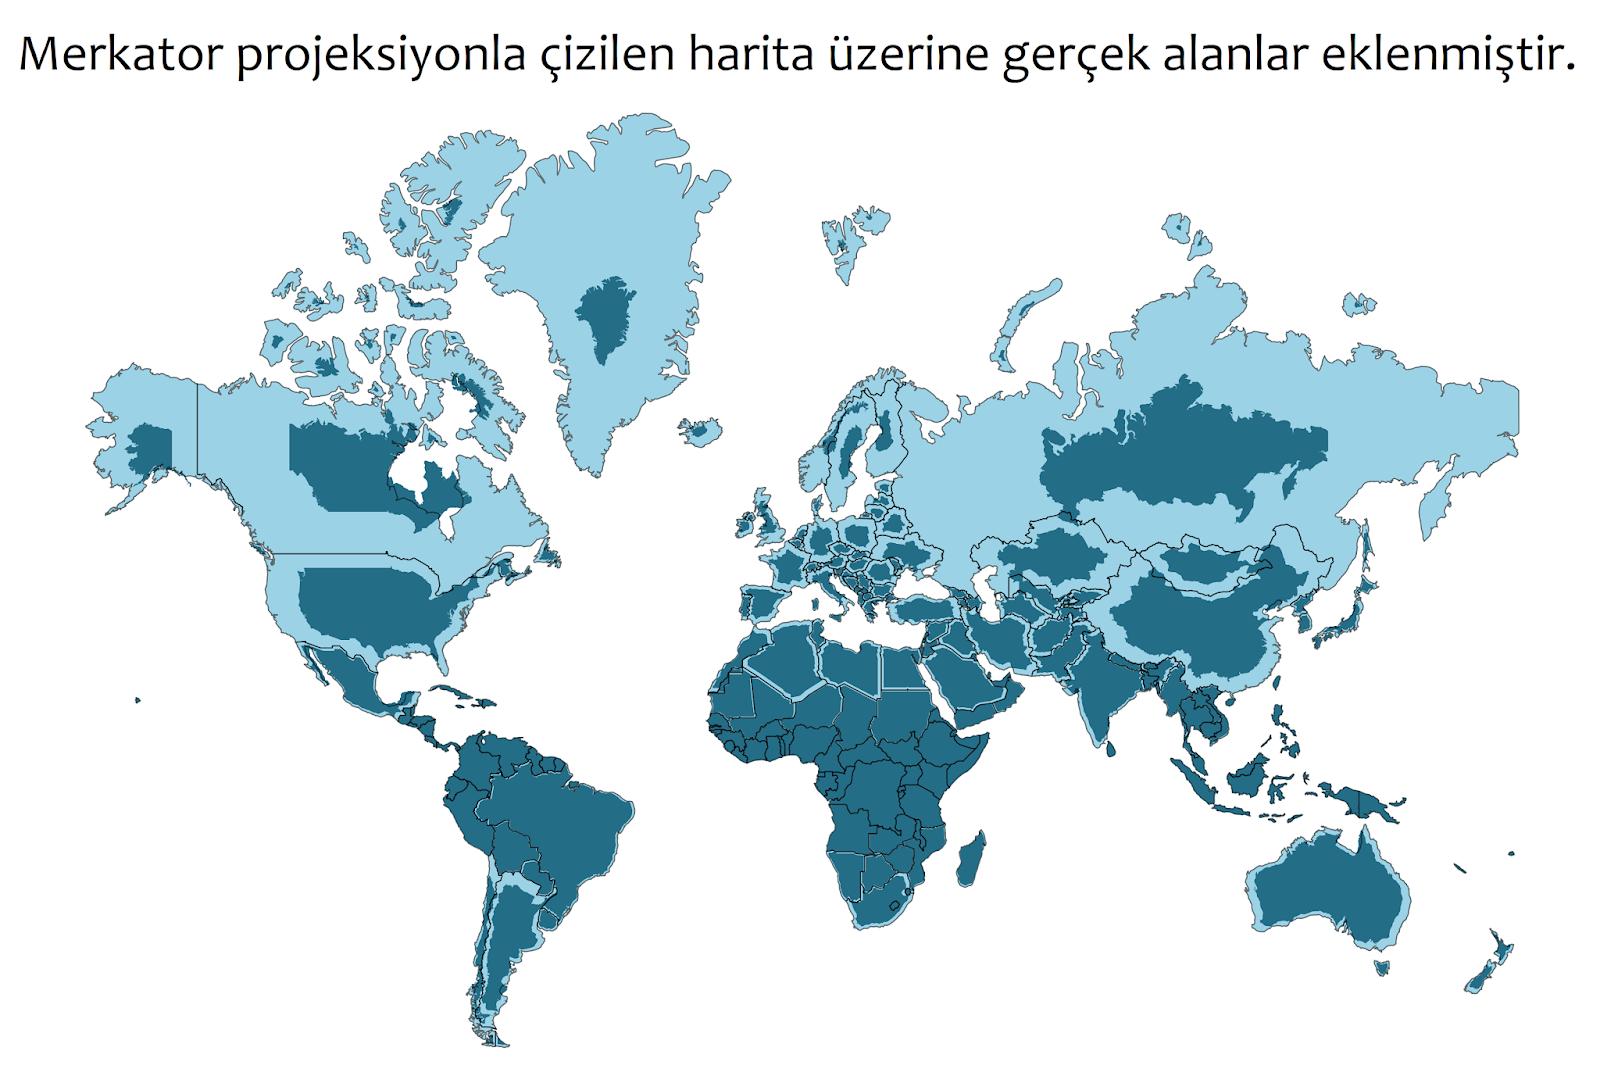 Dünya karalarının Merkator projeksiyon (açık mavi) ile gerçek alan (koyu mavi) kıyaslaması